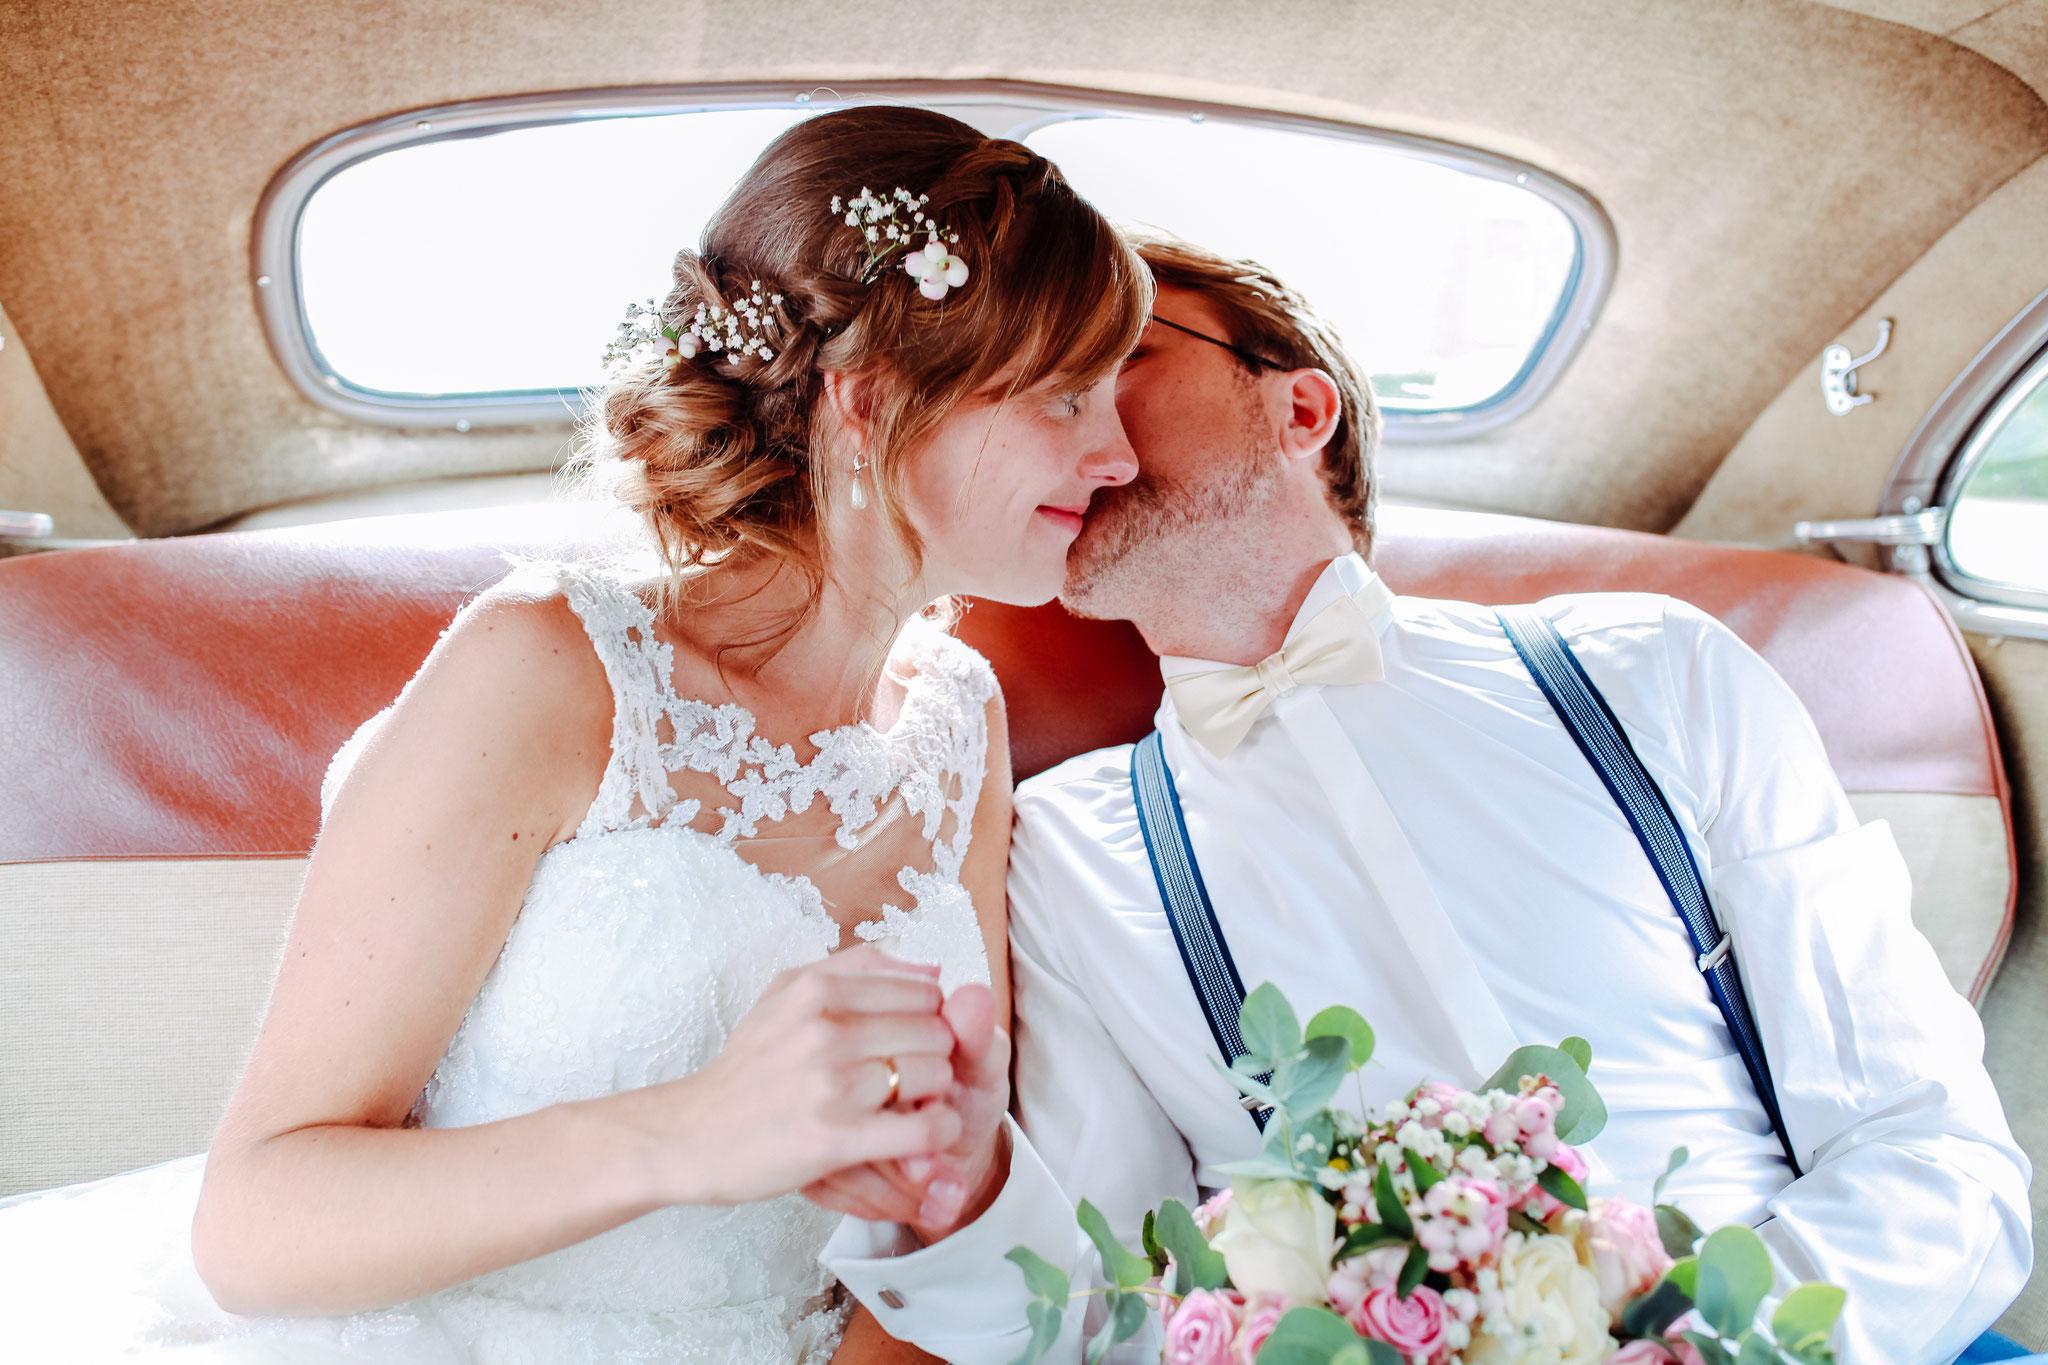 Feier | Hochzeitsfotograf Rebecca Adloff | Ruhrgebiet, Essen, Münster, NRW, Düsseldorf, Köln, Bochum | Hochzeitsreportage | Hochzeitsfotos